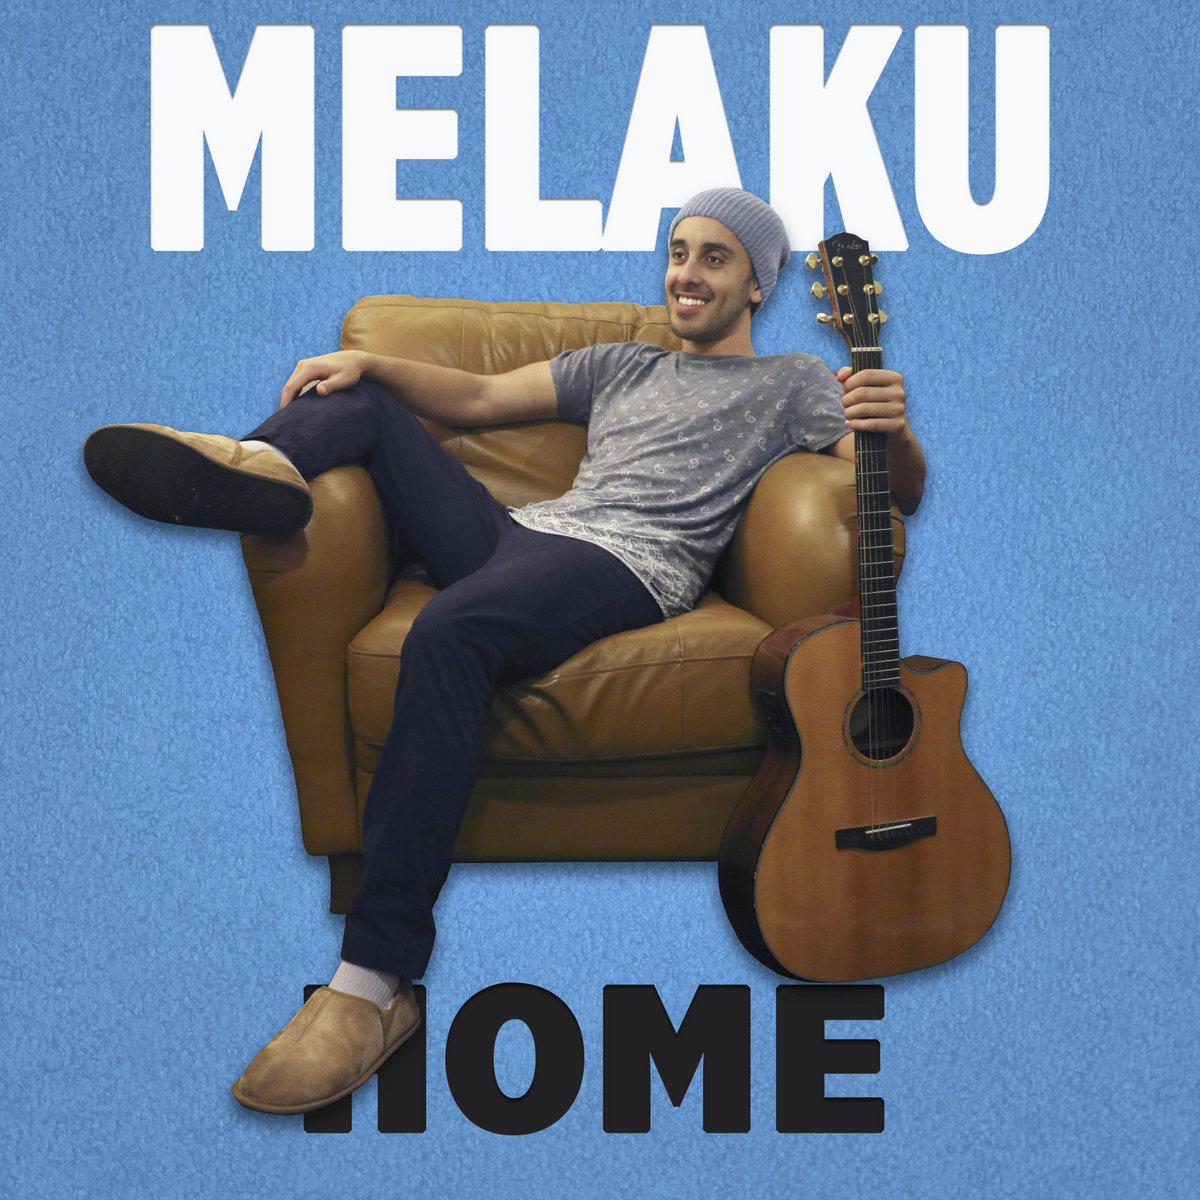 Home by Melaku